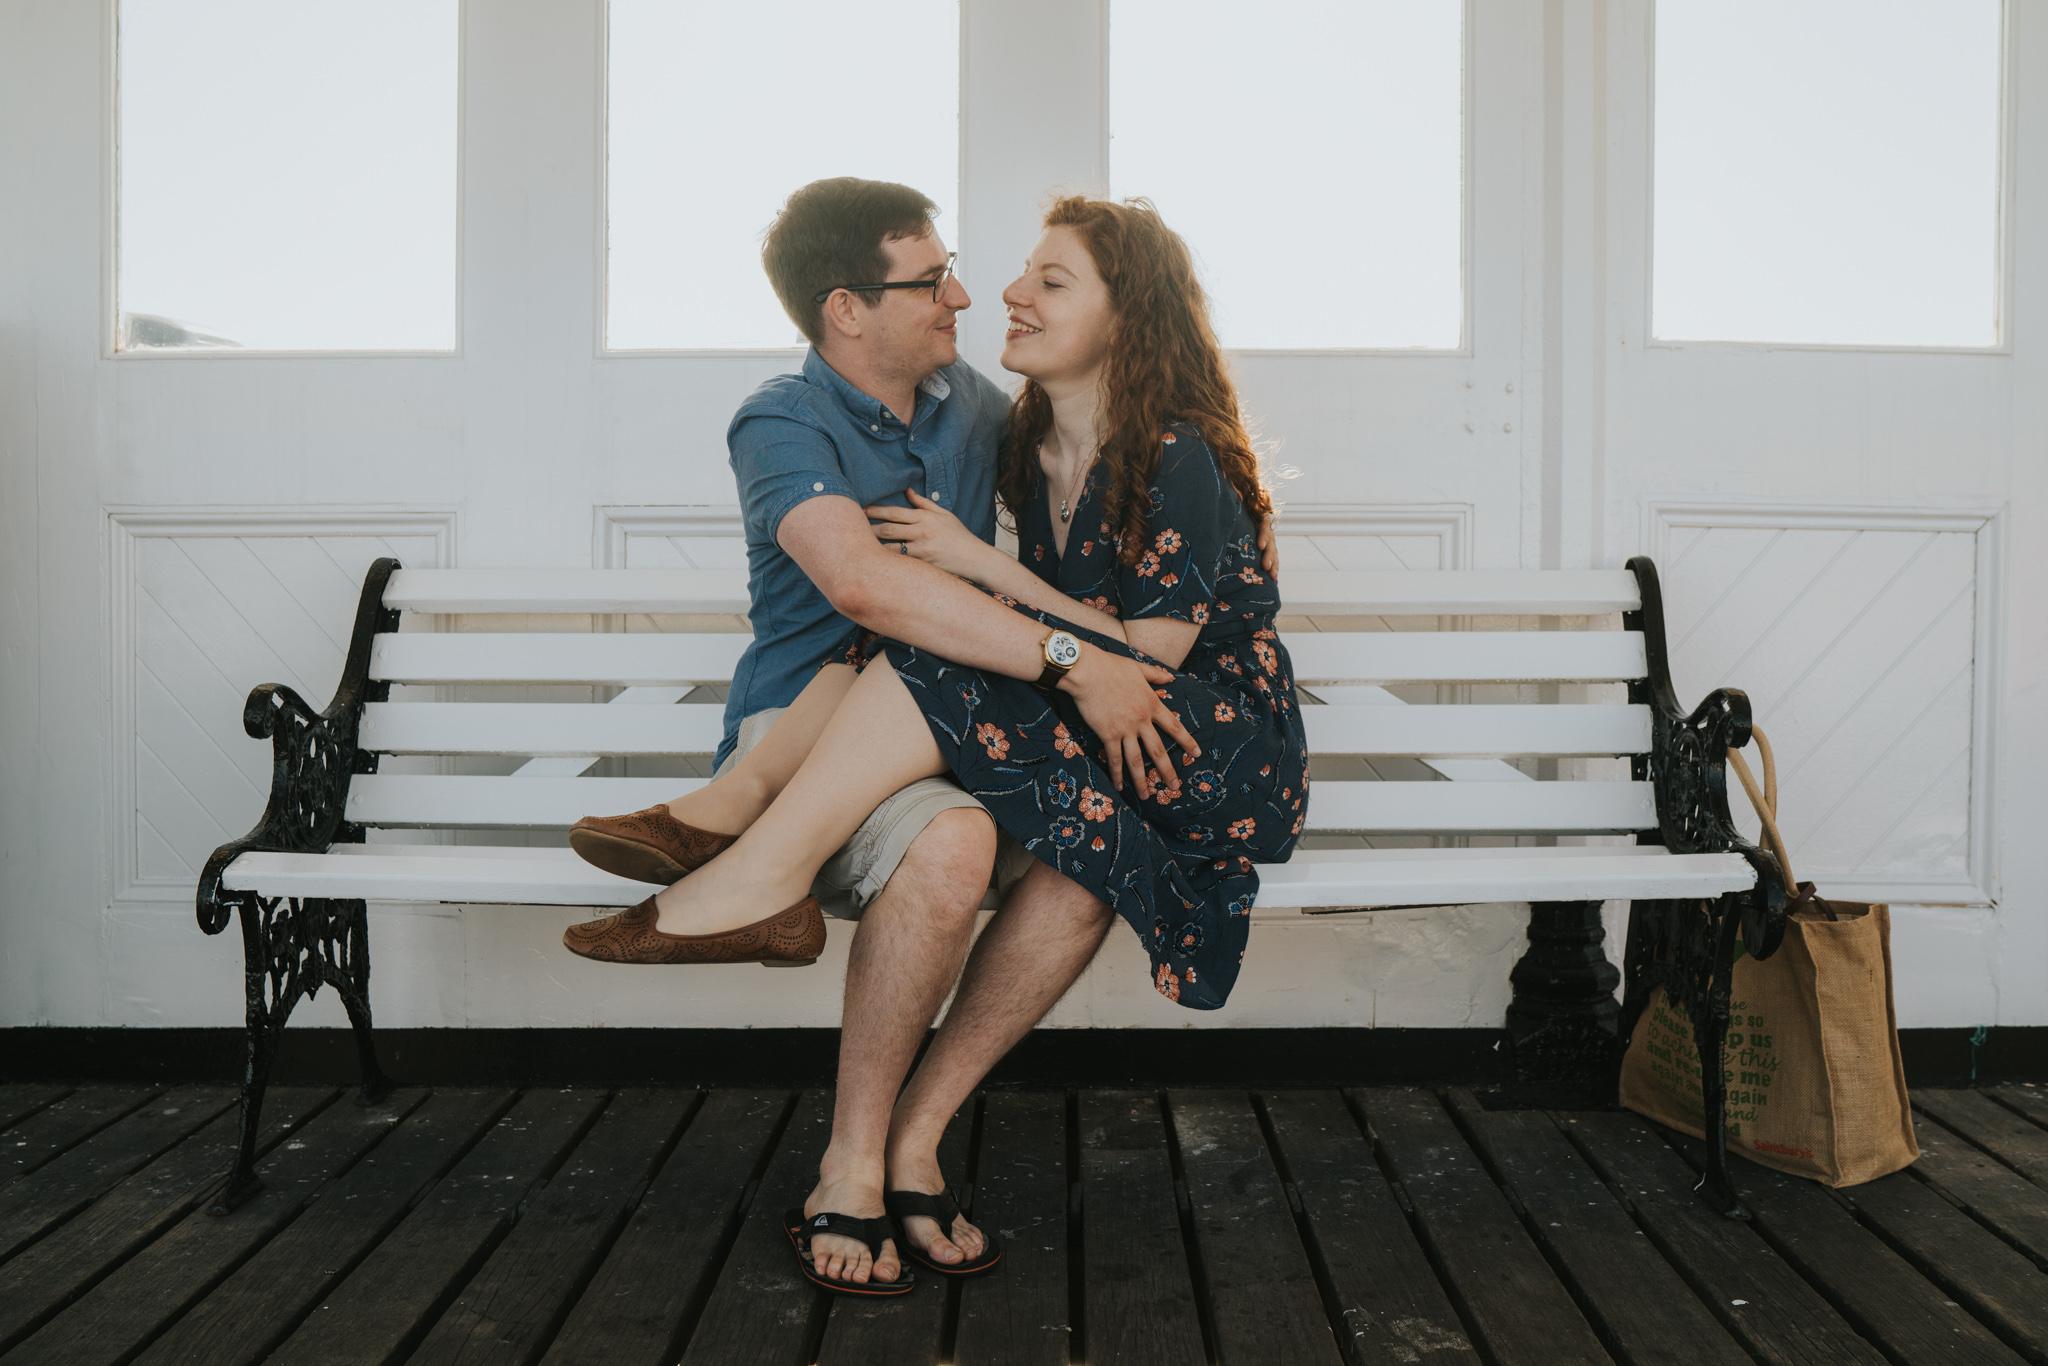 philippa-mark-pre-wedding-session-brighton-pier-colchester-grace-elizabeth-colchester-essex-alternative-wedding-lifestyle-photographer-essex-suffolk-norfolk-devon-22.jpg